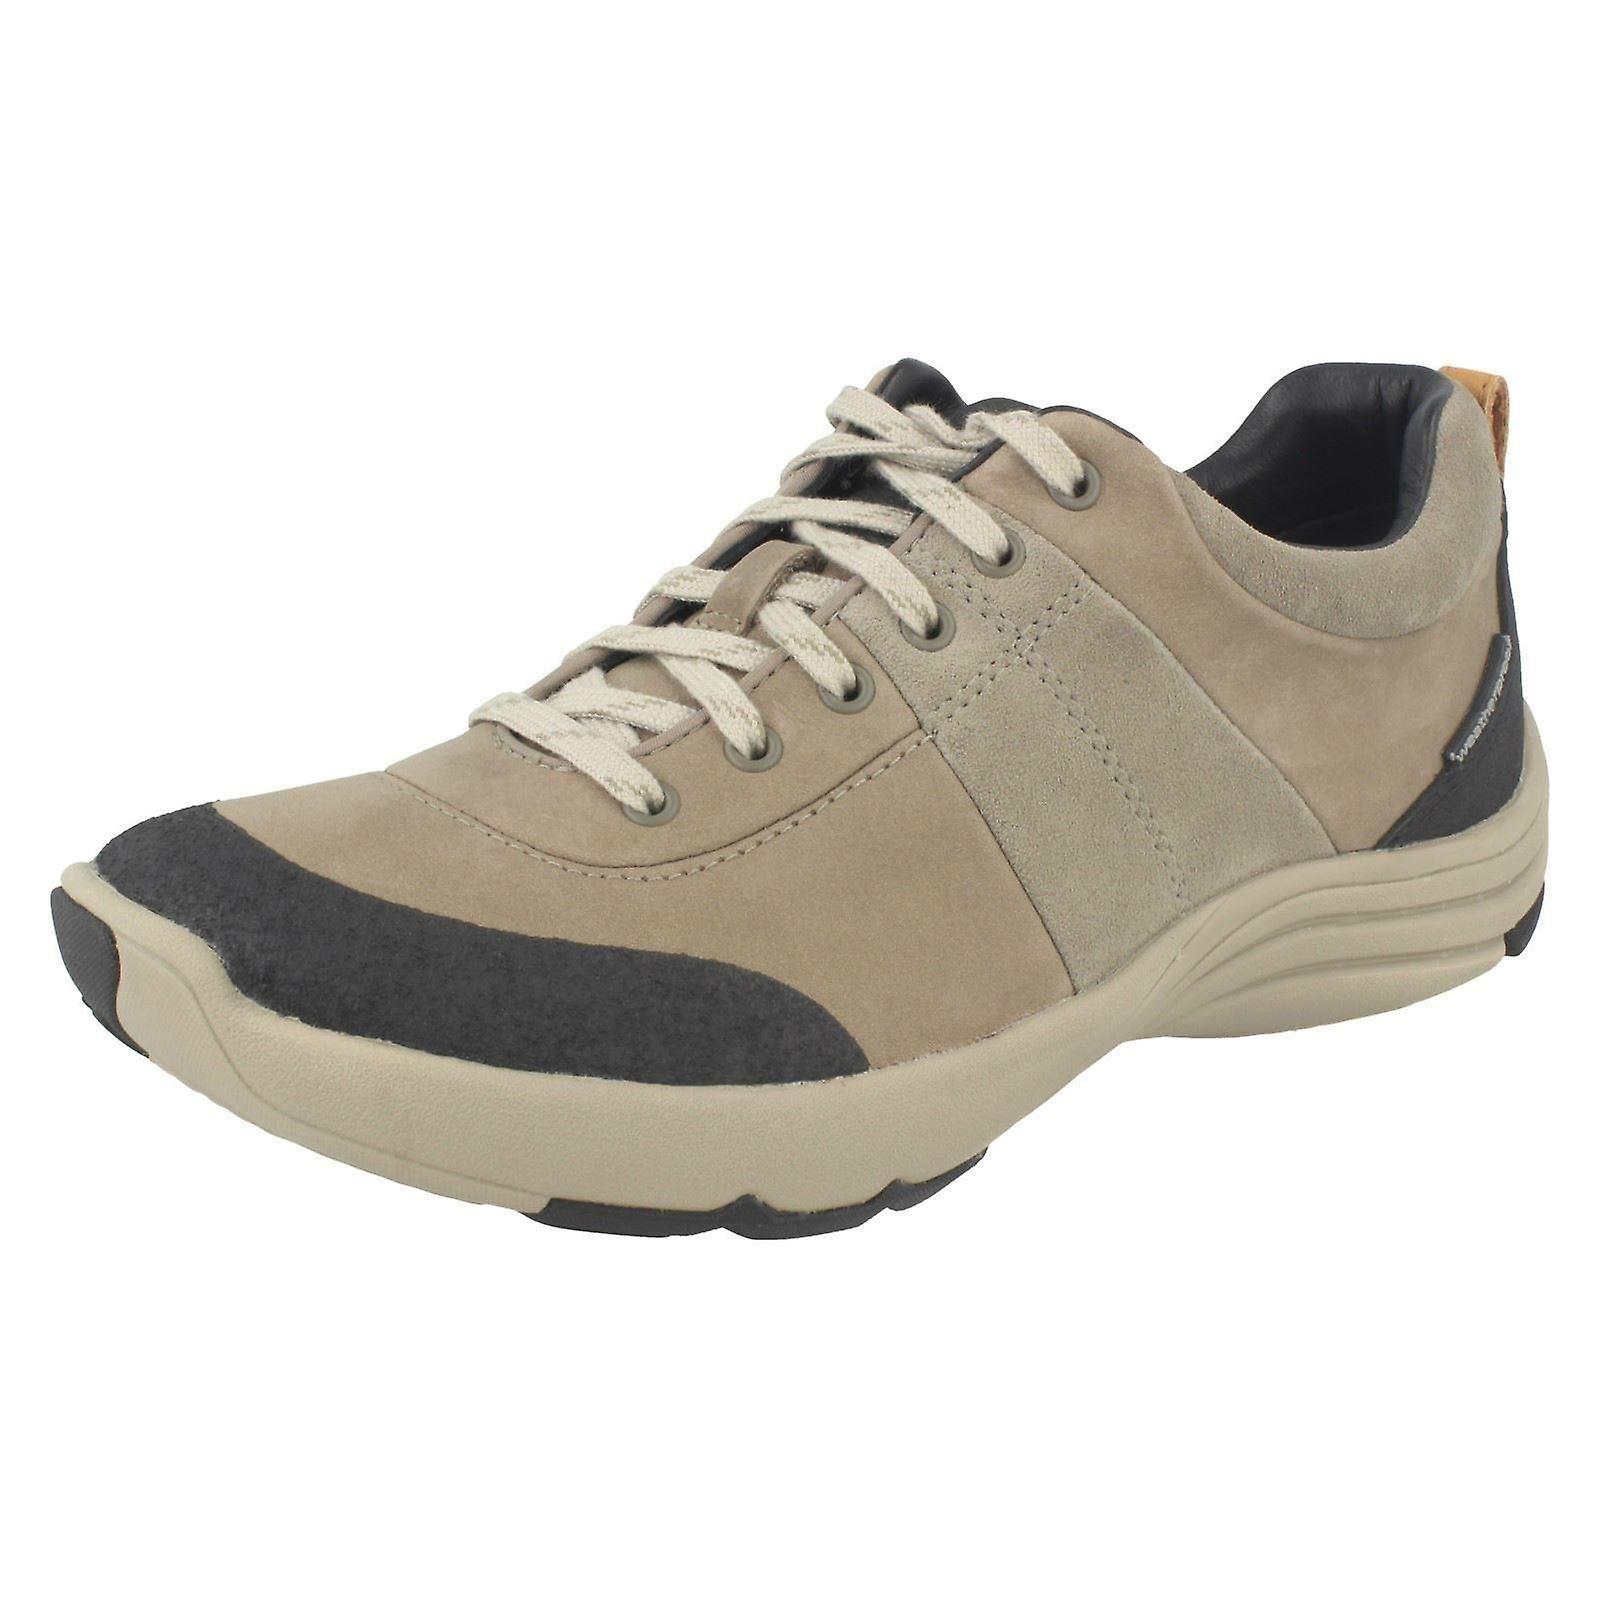 Active Clarks damskie nosić warunki atmosferyczne zasznurować buty dorywczo fala Andów CvX2l